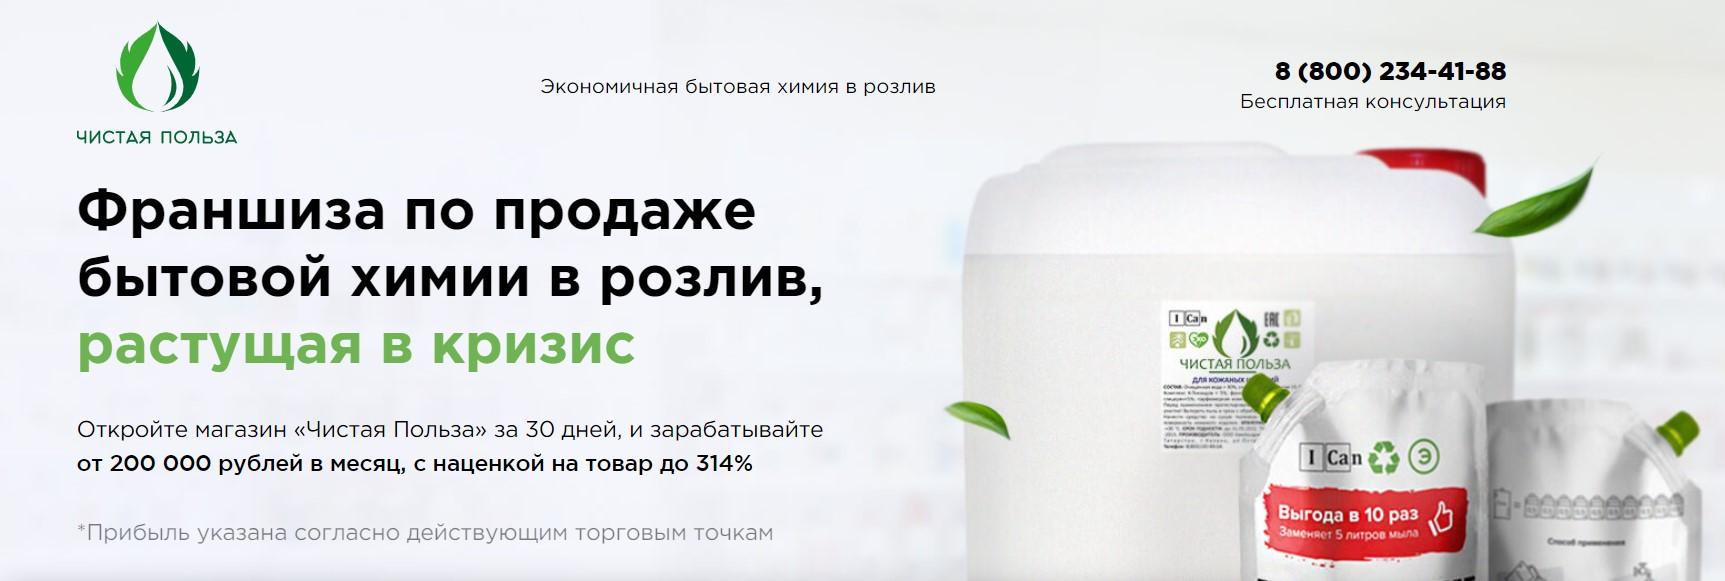 Чистая Польза - франшиза по продаже бытовой химии в розлив